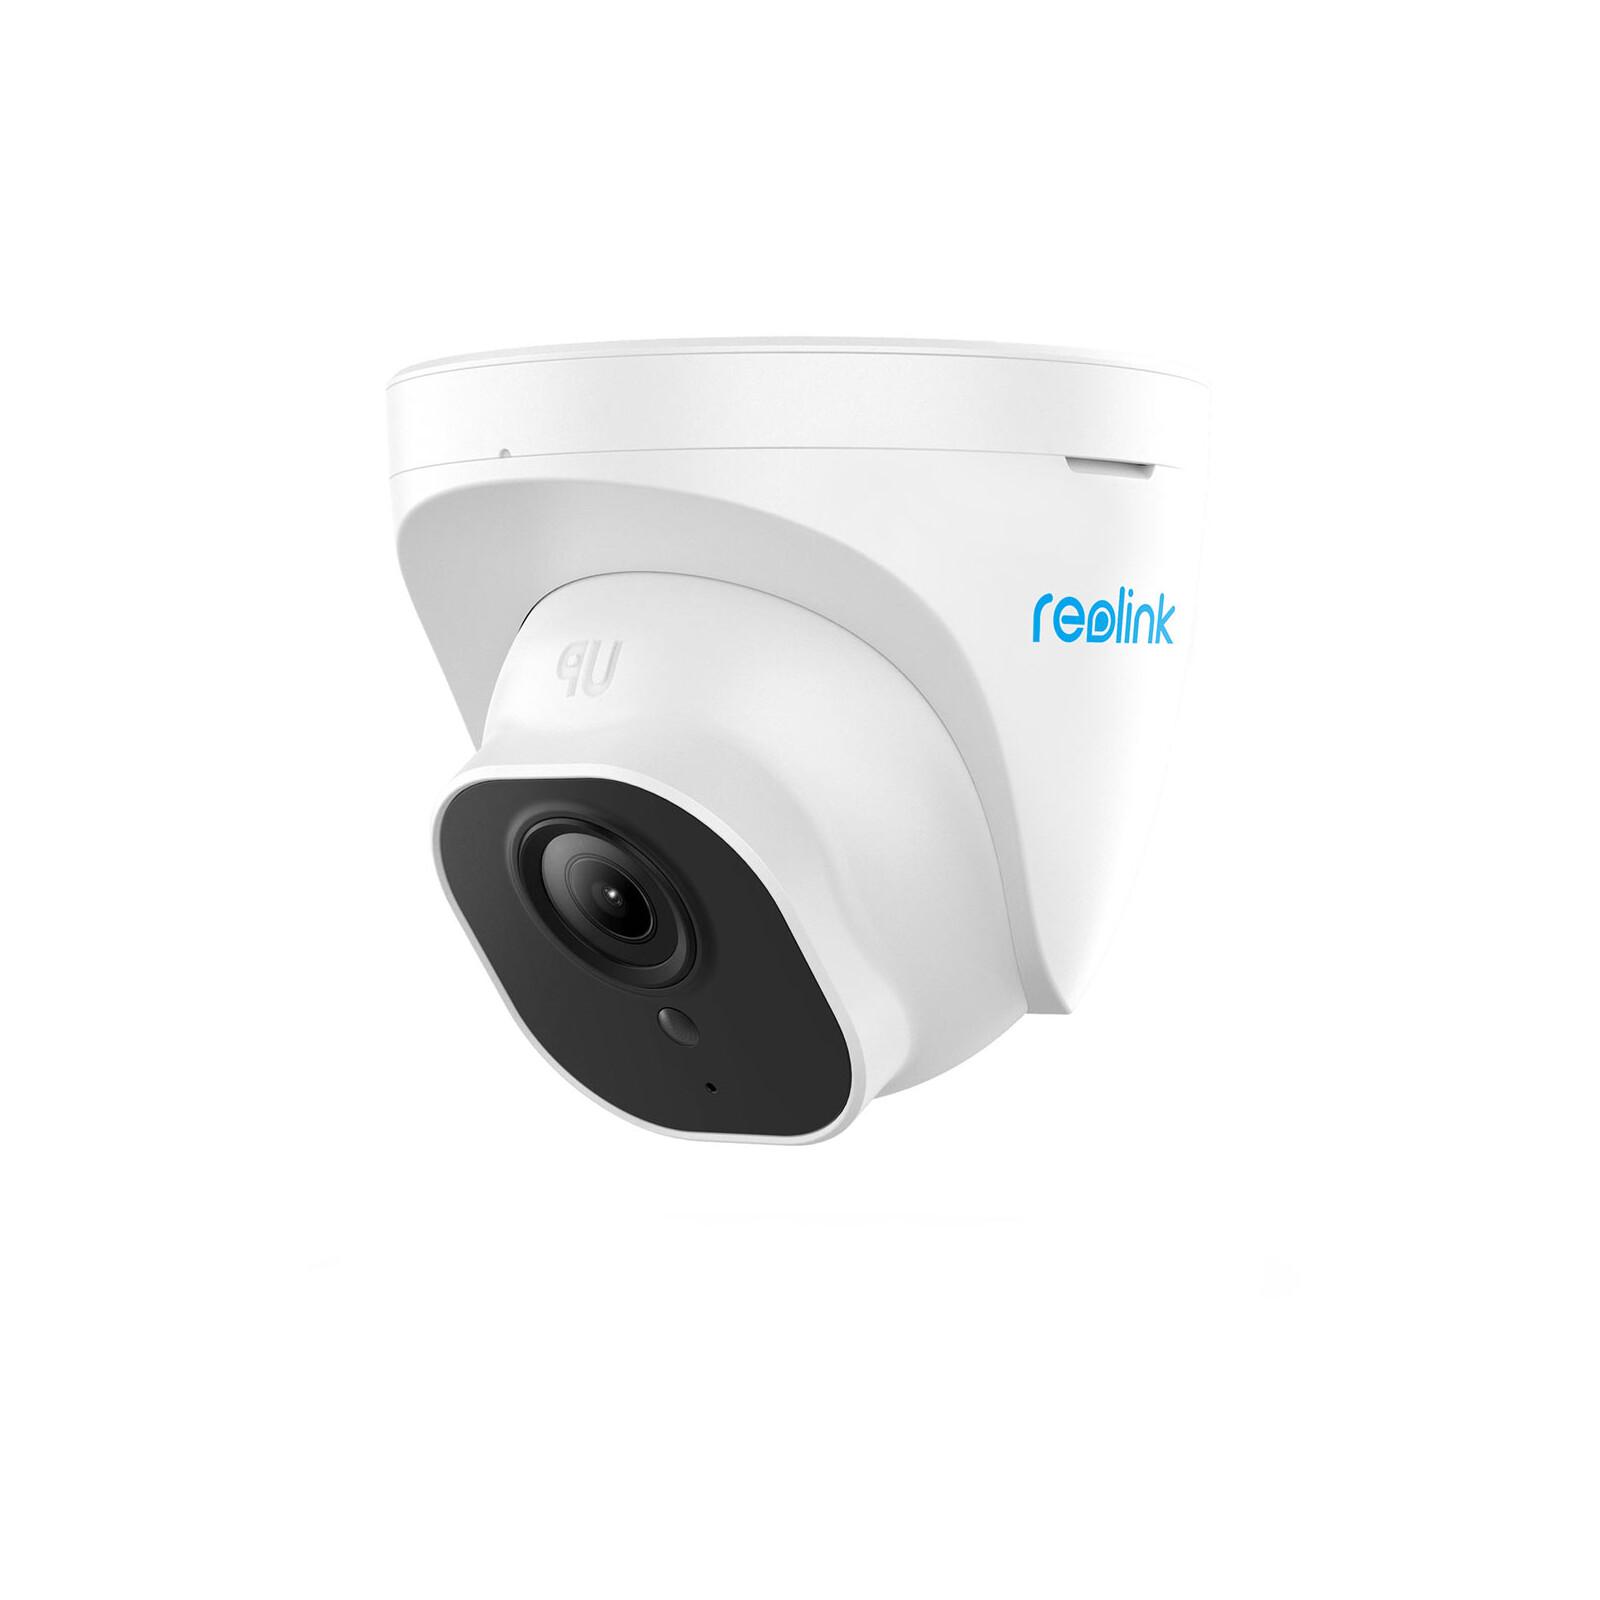 Reolink RLK8-820D4-A